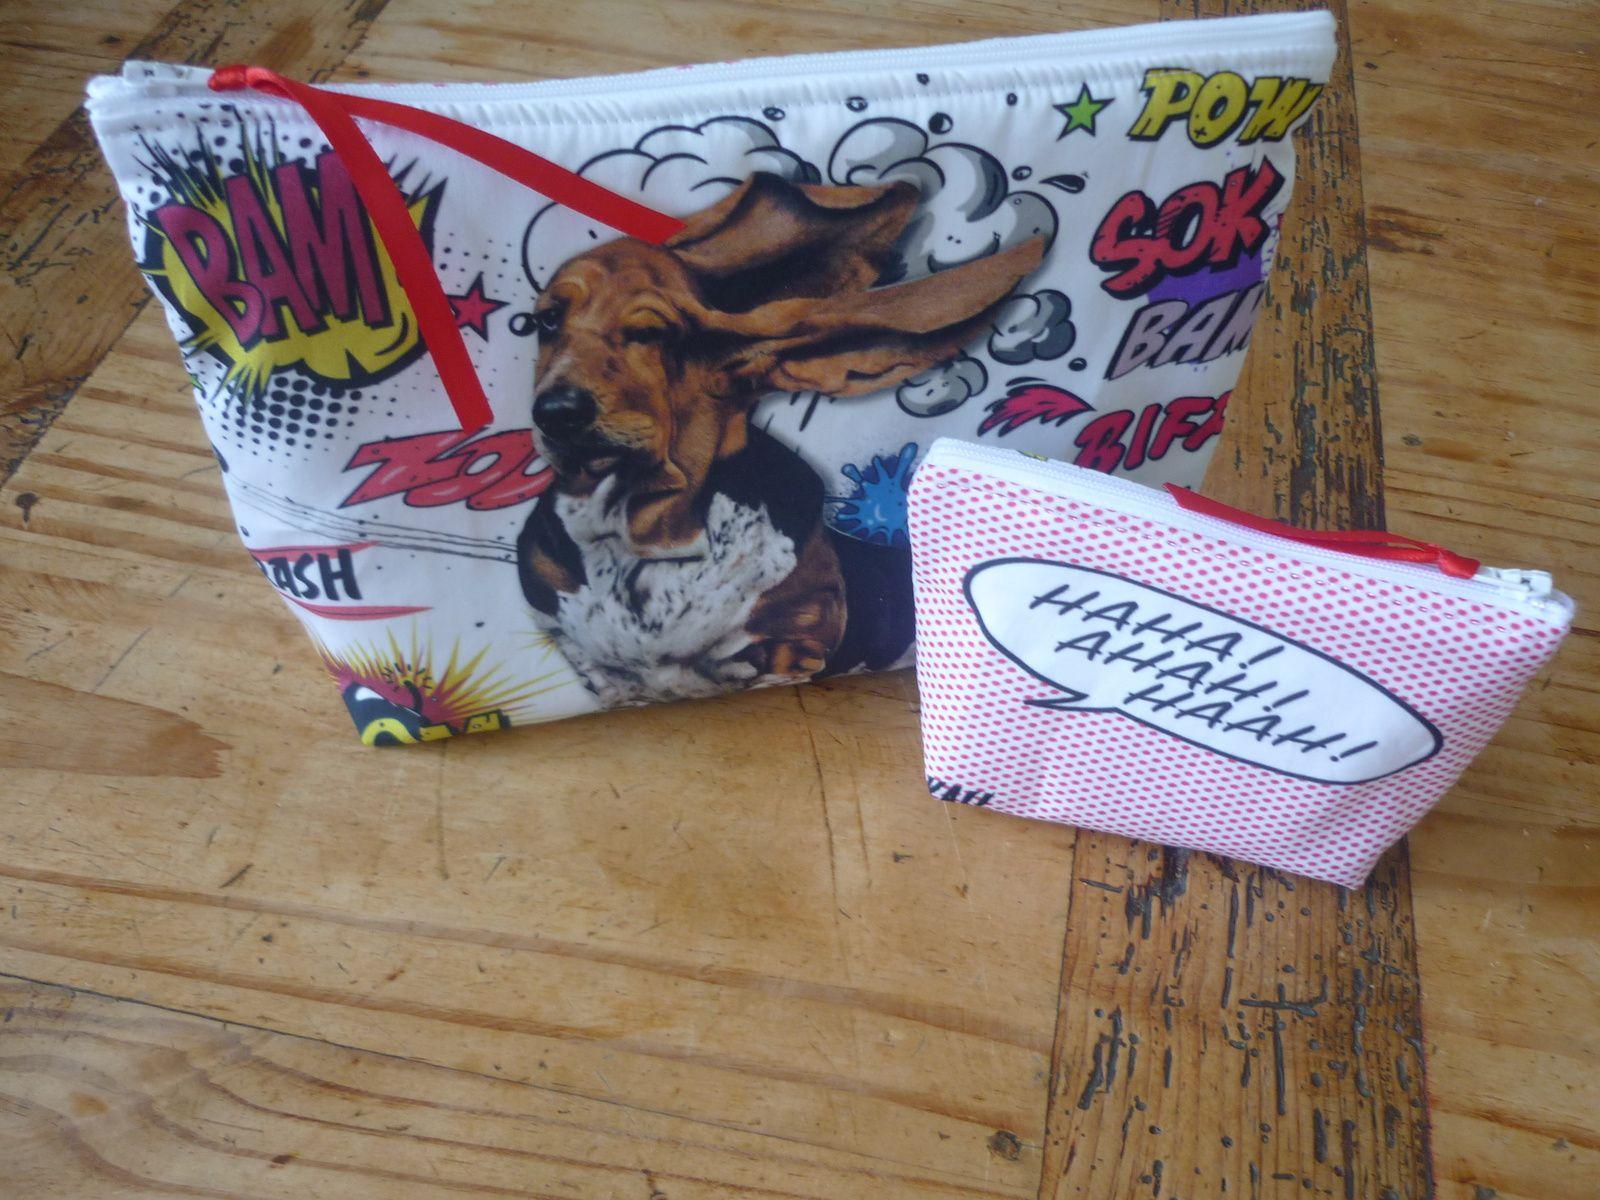 """trousse à maquillage """" piff bam boom le chien """" kali-créatrice-original Matériaux utilisés : Coton , Satin Trousse rigolote Le motif a été réalisé par mes soins et imprimé à Paris sur de la popeline. L'intérieur est doublé avec de la toile de coton blanche et entièrement ouatiné pour un meilleur maintien. Le zip est agrémenté d'un ruban de satin rouge . Dimension : 24.50 x 18 cm 5 cm de profondeur."""